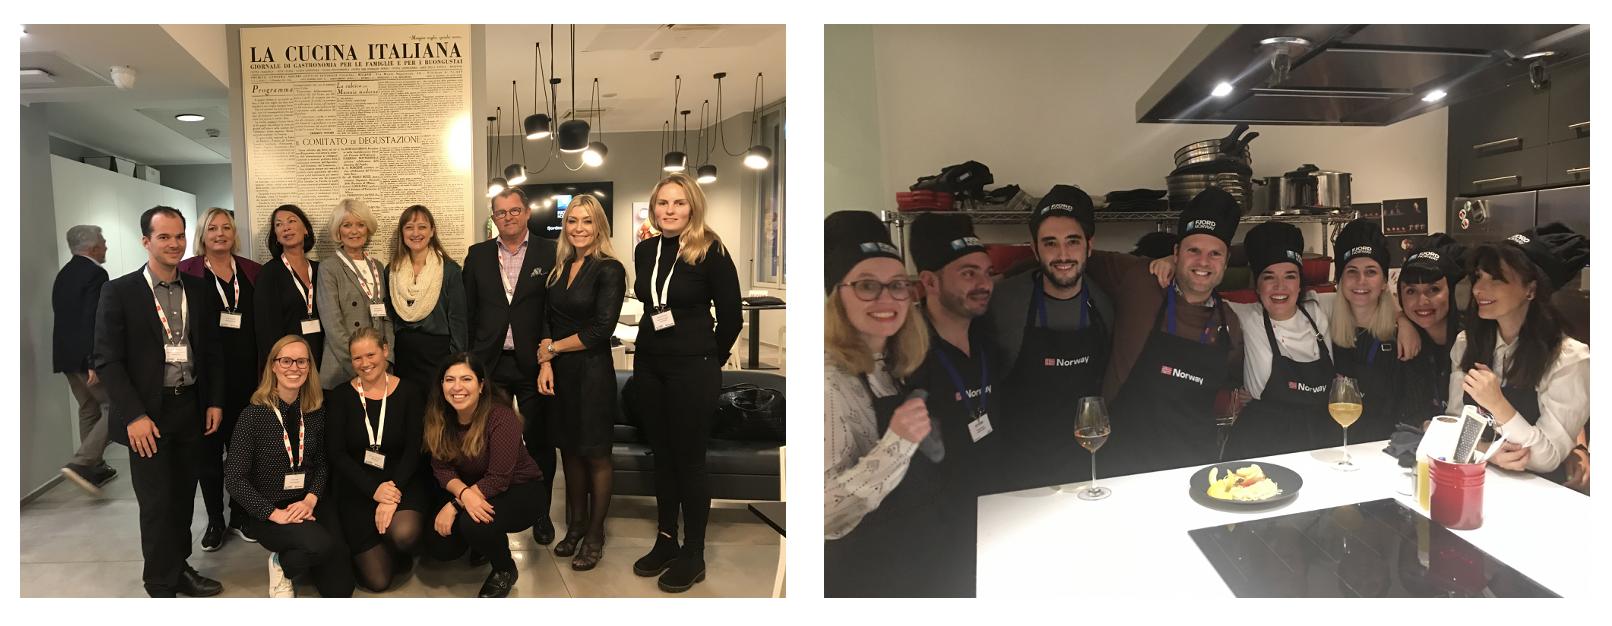 Bilde fra turoperatør event i Milano og Madrid 2019